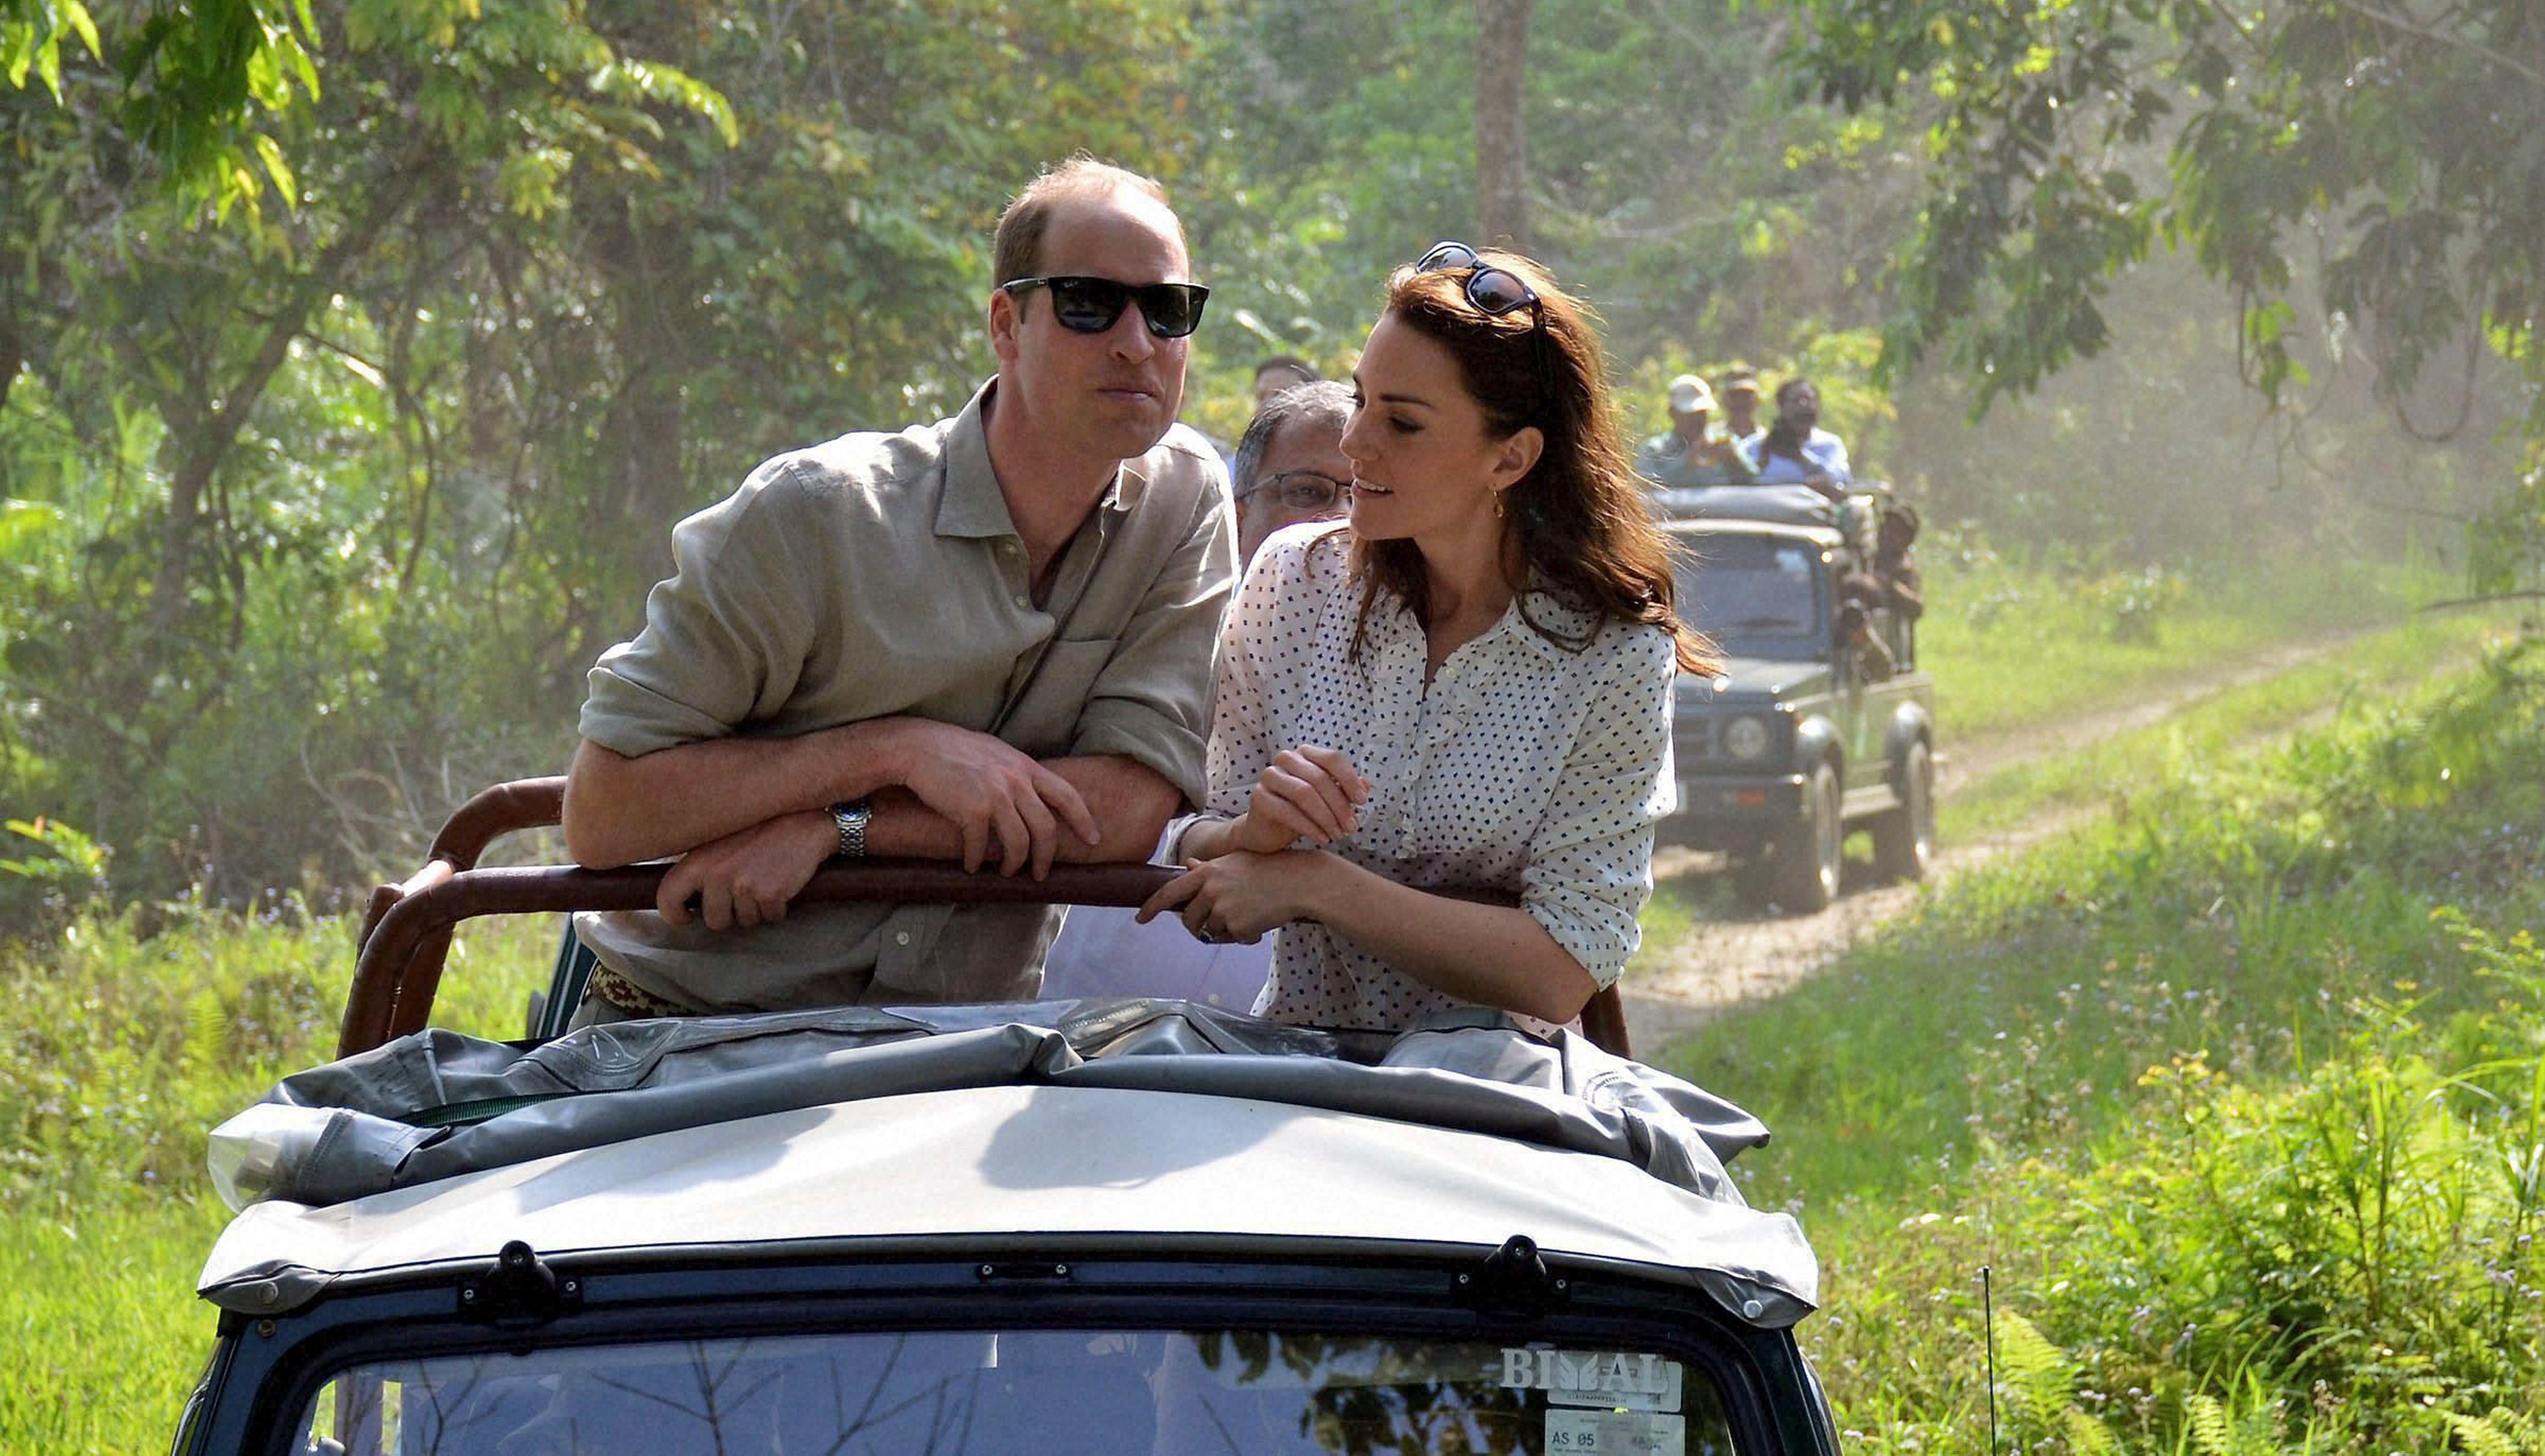 El príncipe William y Kate Middleton se conocieron en el 2001, cuando estudiaban en la Universidad de St. Andrews, en Escocia. (Archivo)